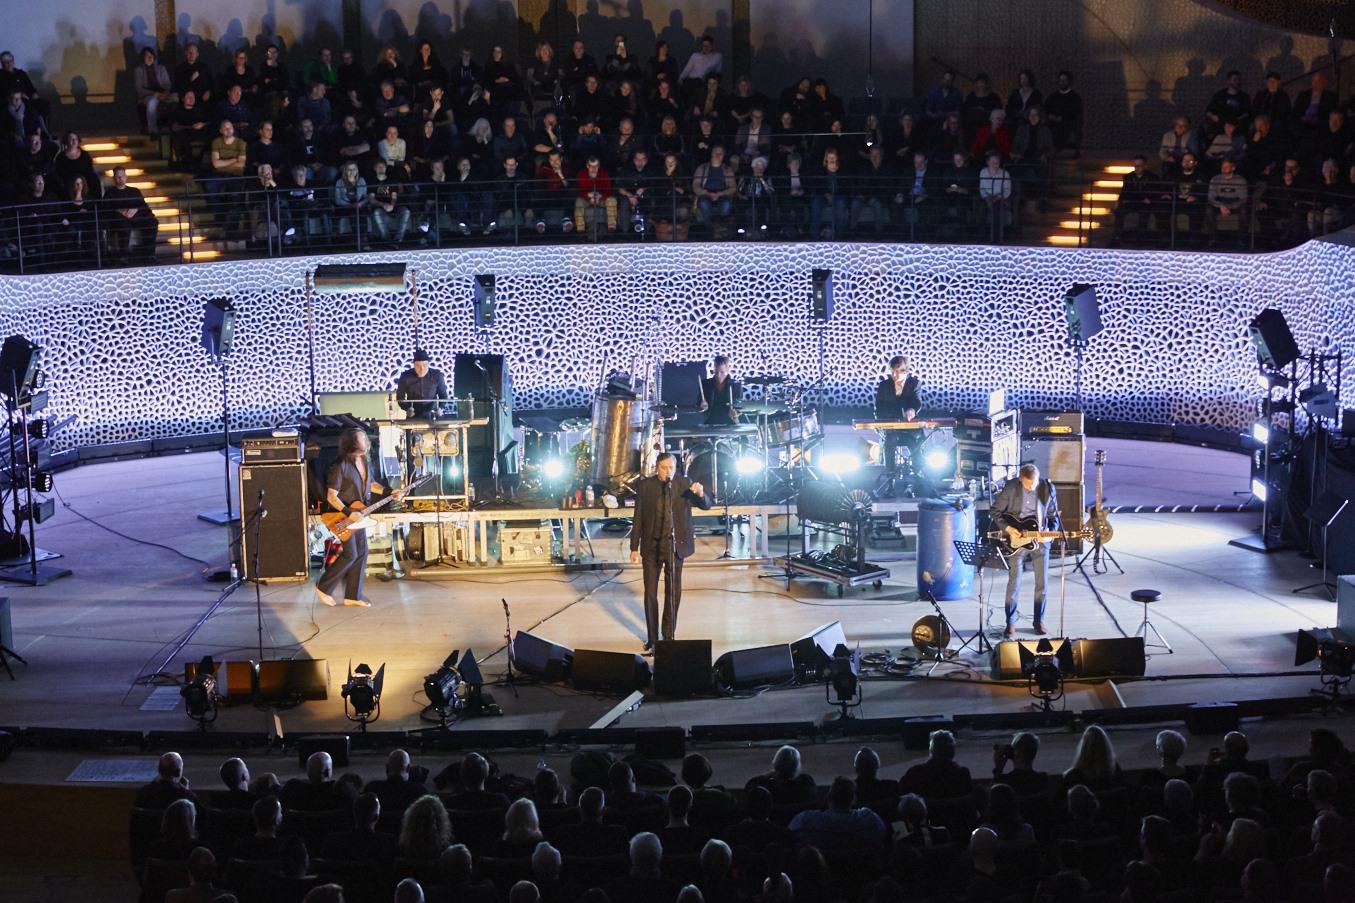 Das Kontrastprogramm: Am 21. Januar 2017 gastierte die ehemalige Punkband «Einstürzende Neubauten » im grossen Konzertsaal. (Bild: Claudia Hoehne)